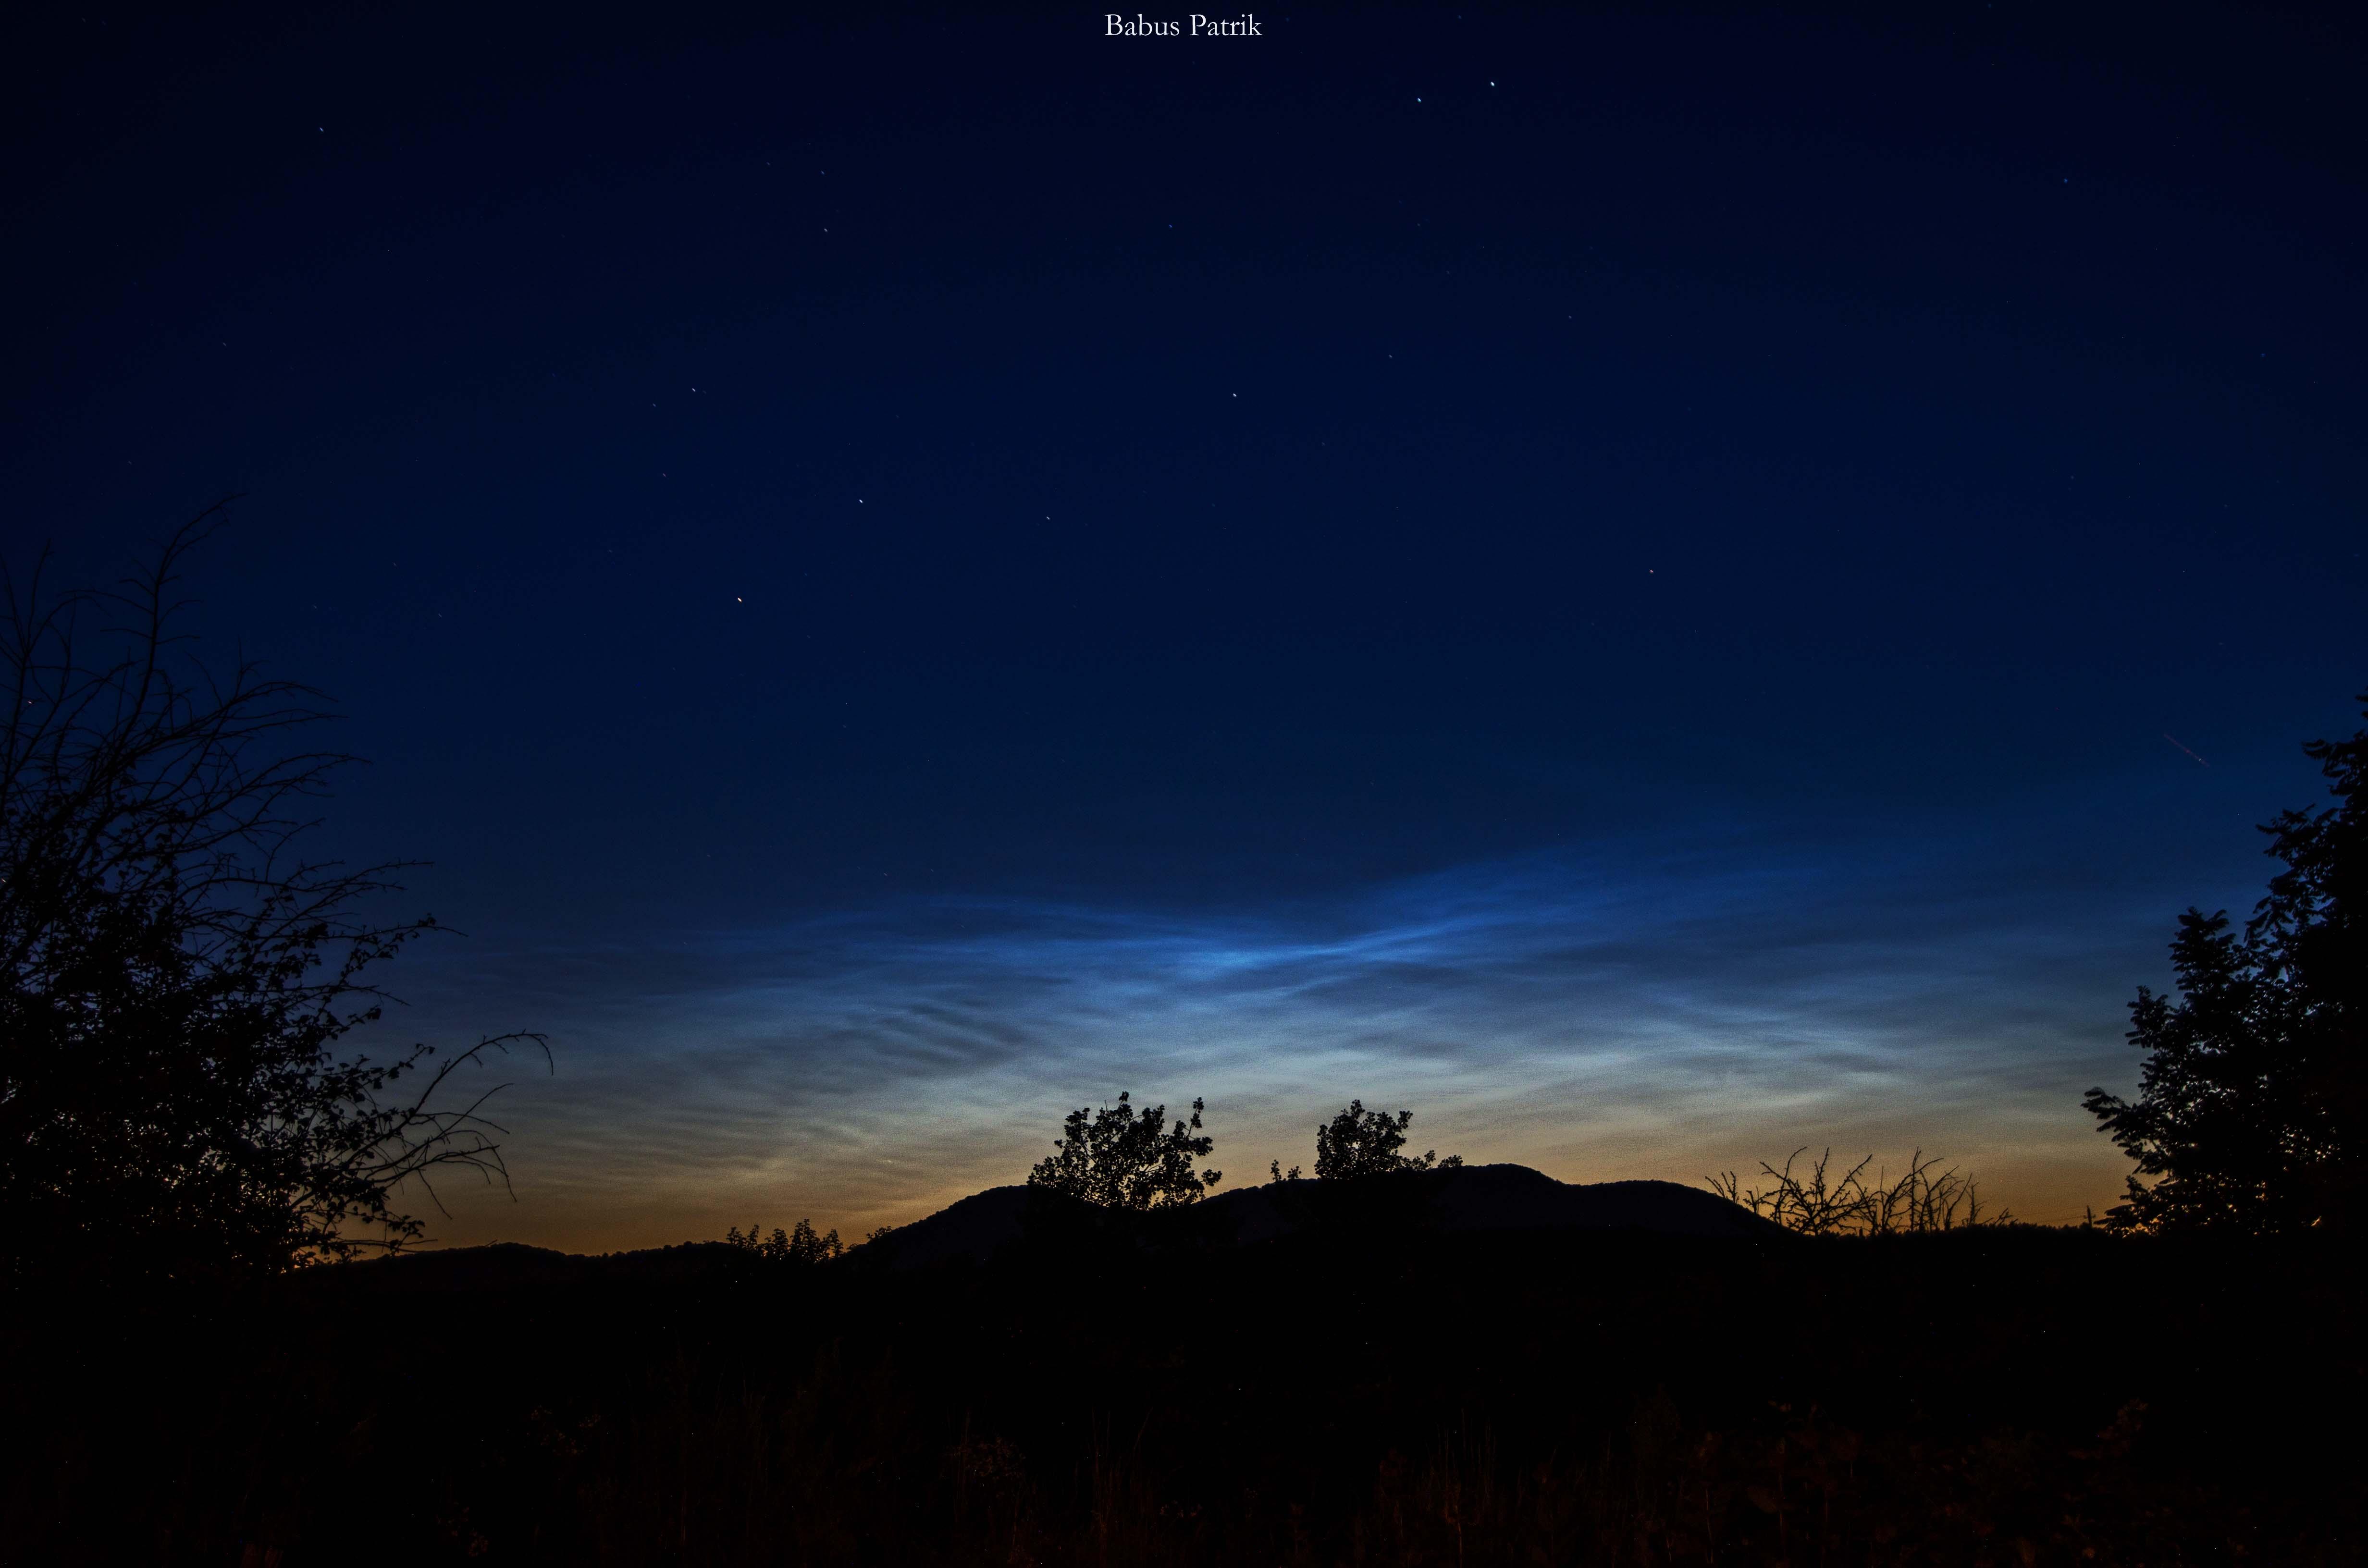 NLC (éjszakai világító felhő) a Karancs felett